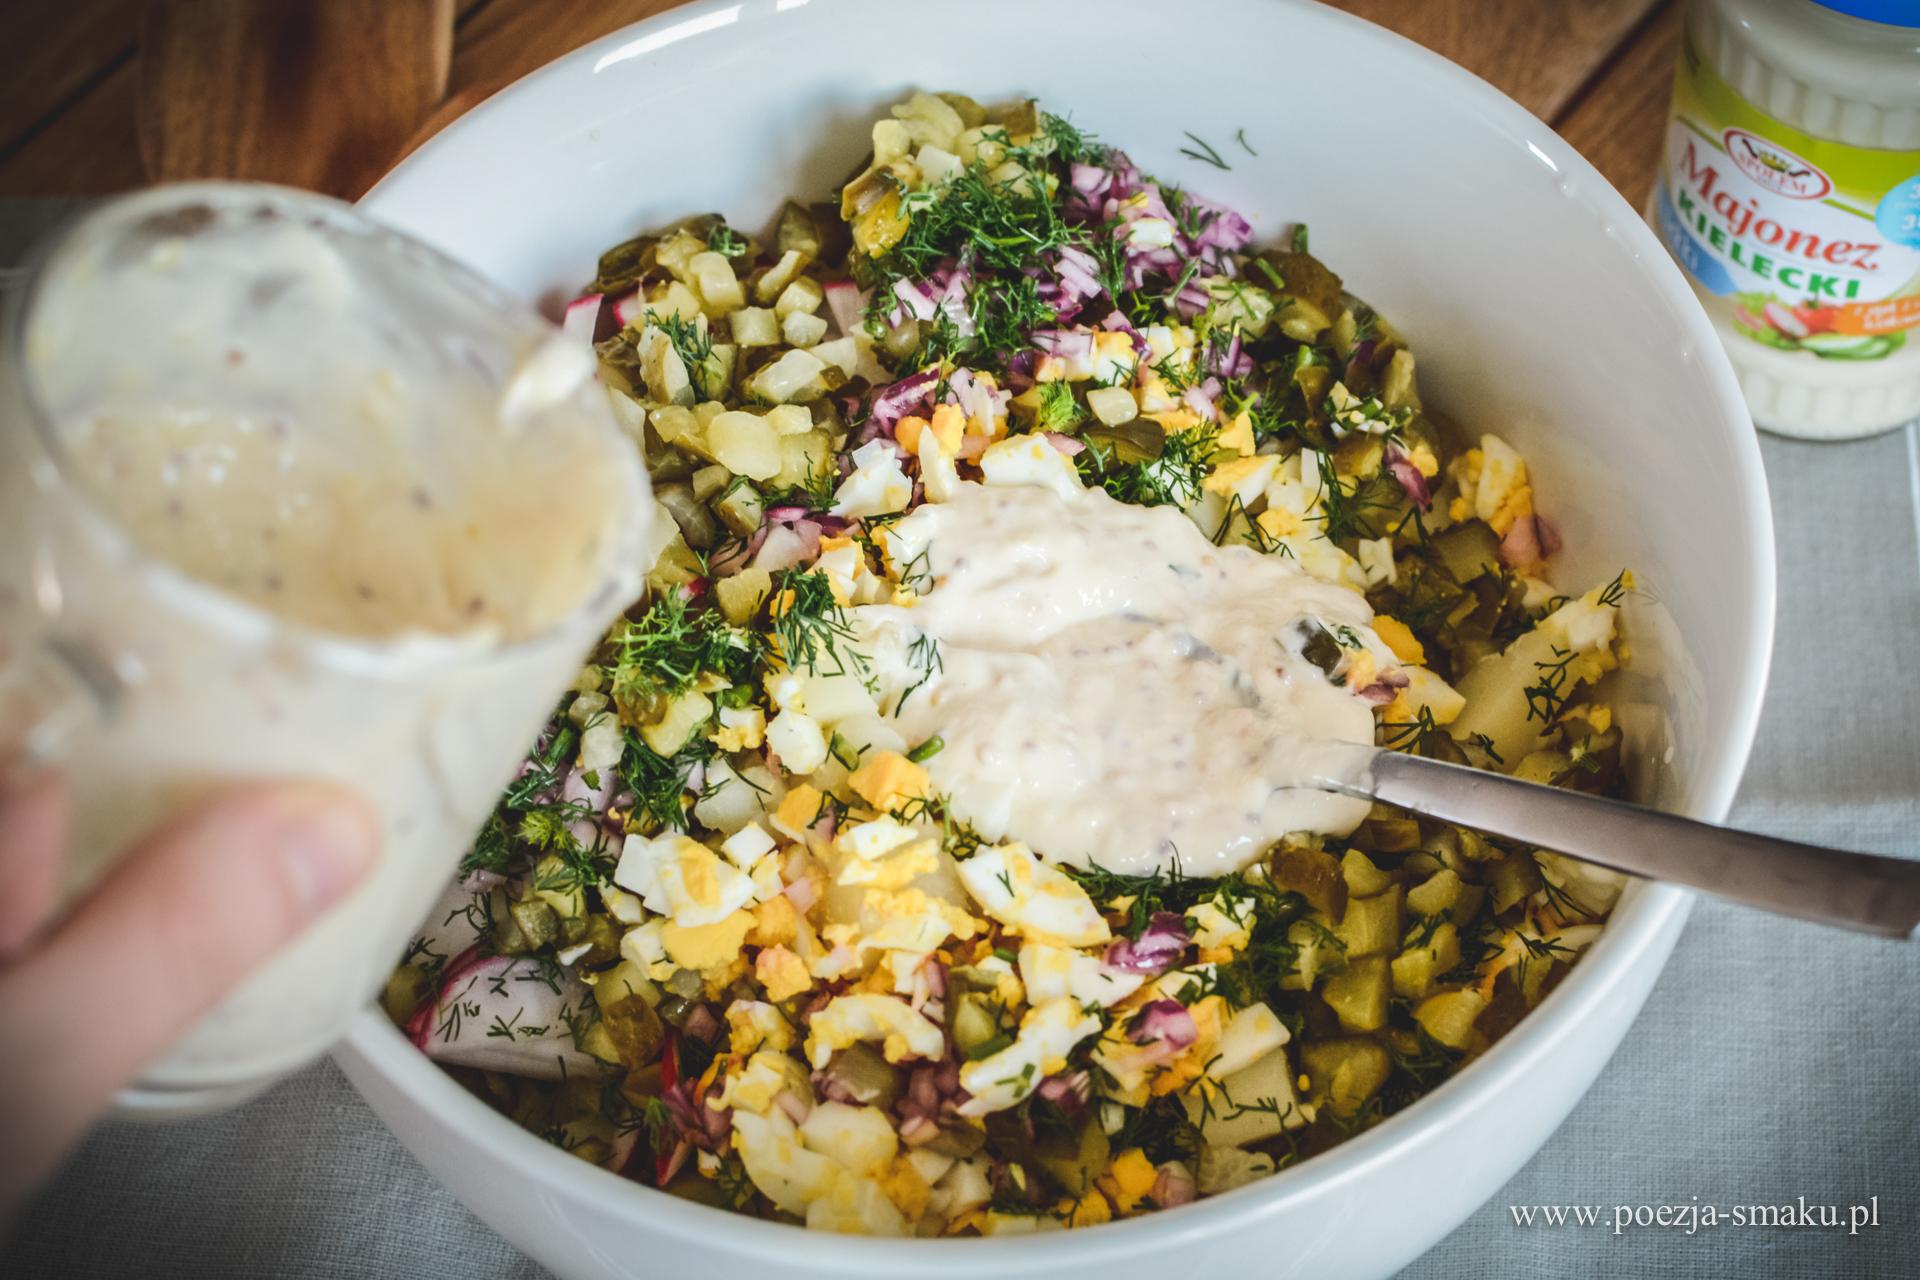 Grillowa sałatka ziemniaczana